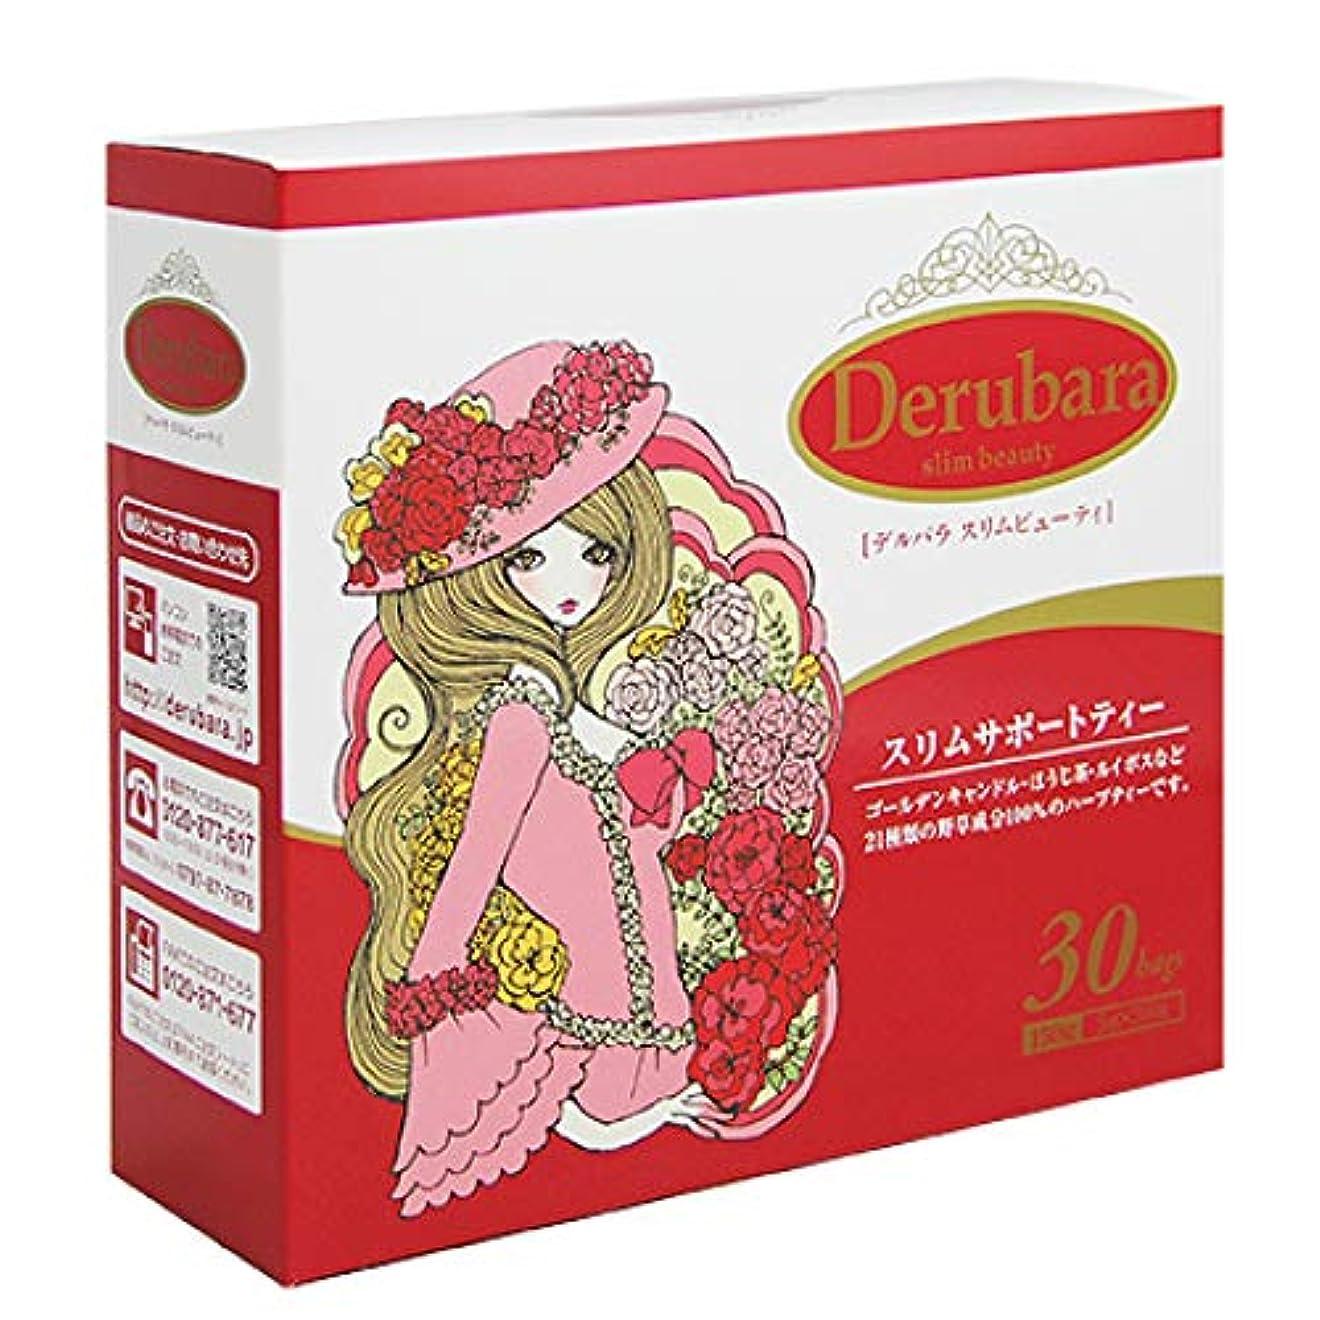 スーツケースカロリー言語デルバラスリムビューティ 1箱 (1包5g×30包入)朝スッキリ! キャンドルブッシュ お茶